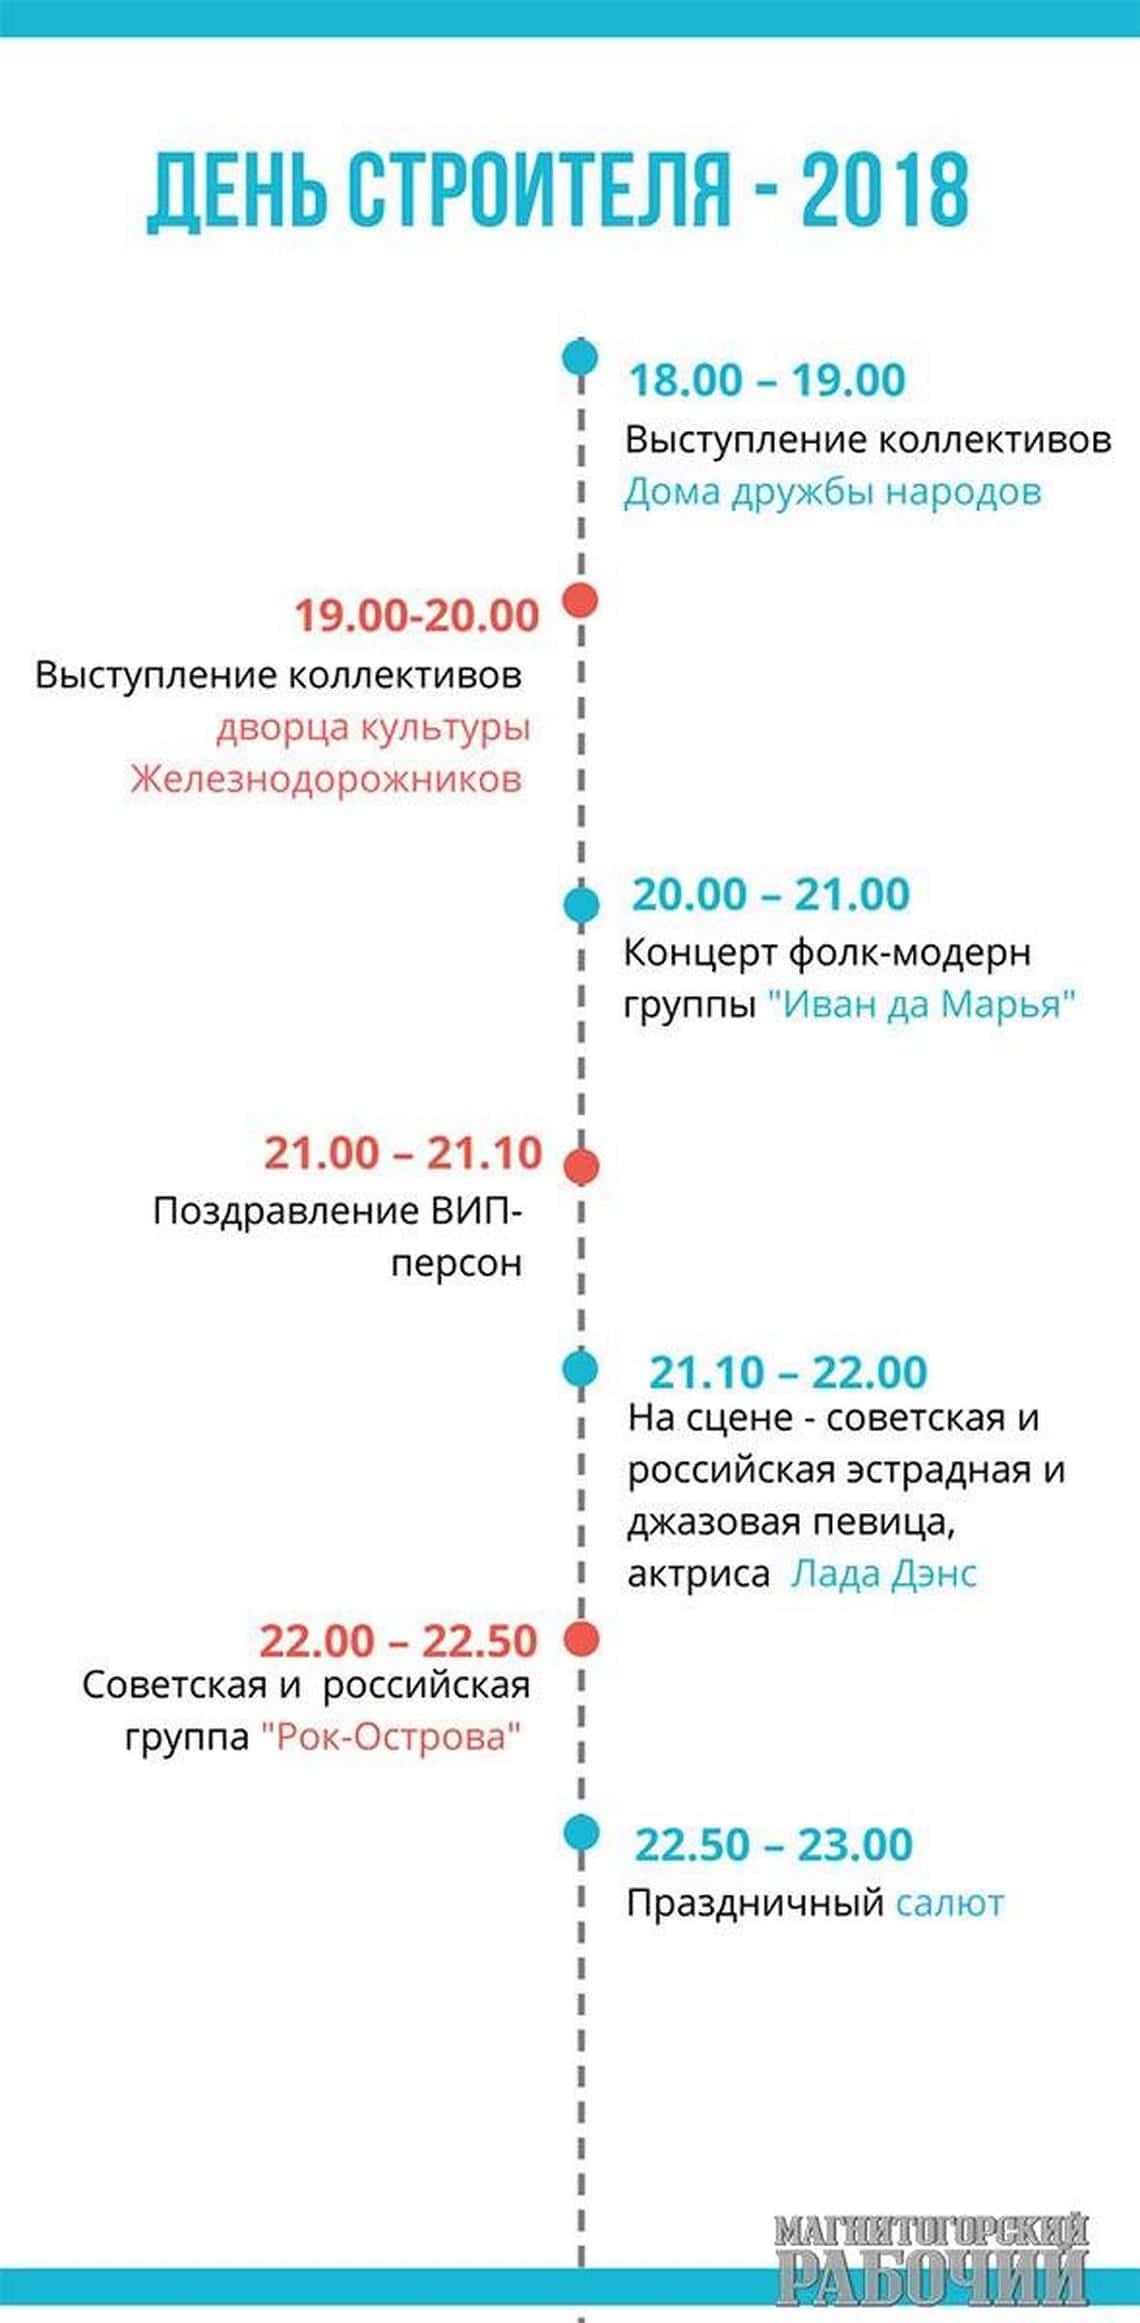 День строителя Магнитогорск отметит в пятницу на площади Торжеств